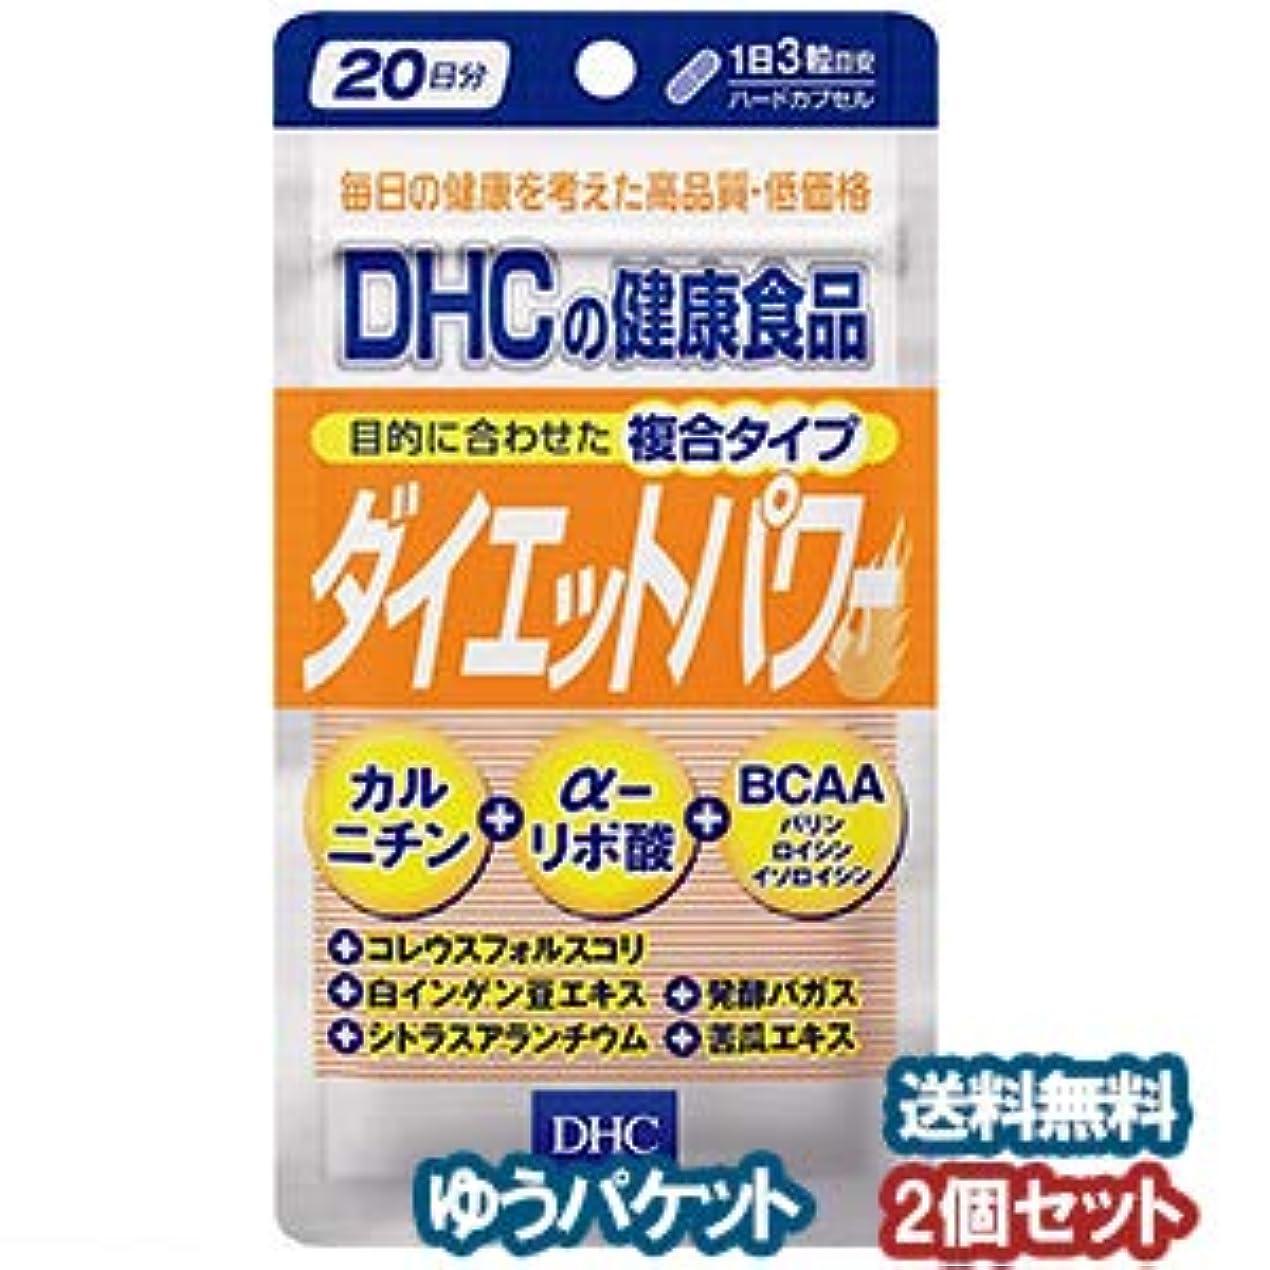 天皇知性阻害するDHC 20日分 ダイエットパワー 60粒×2個セット